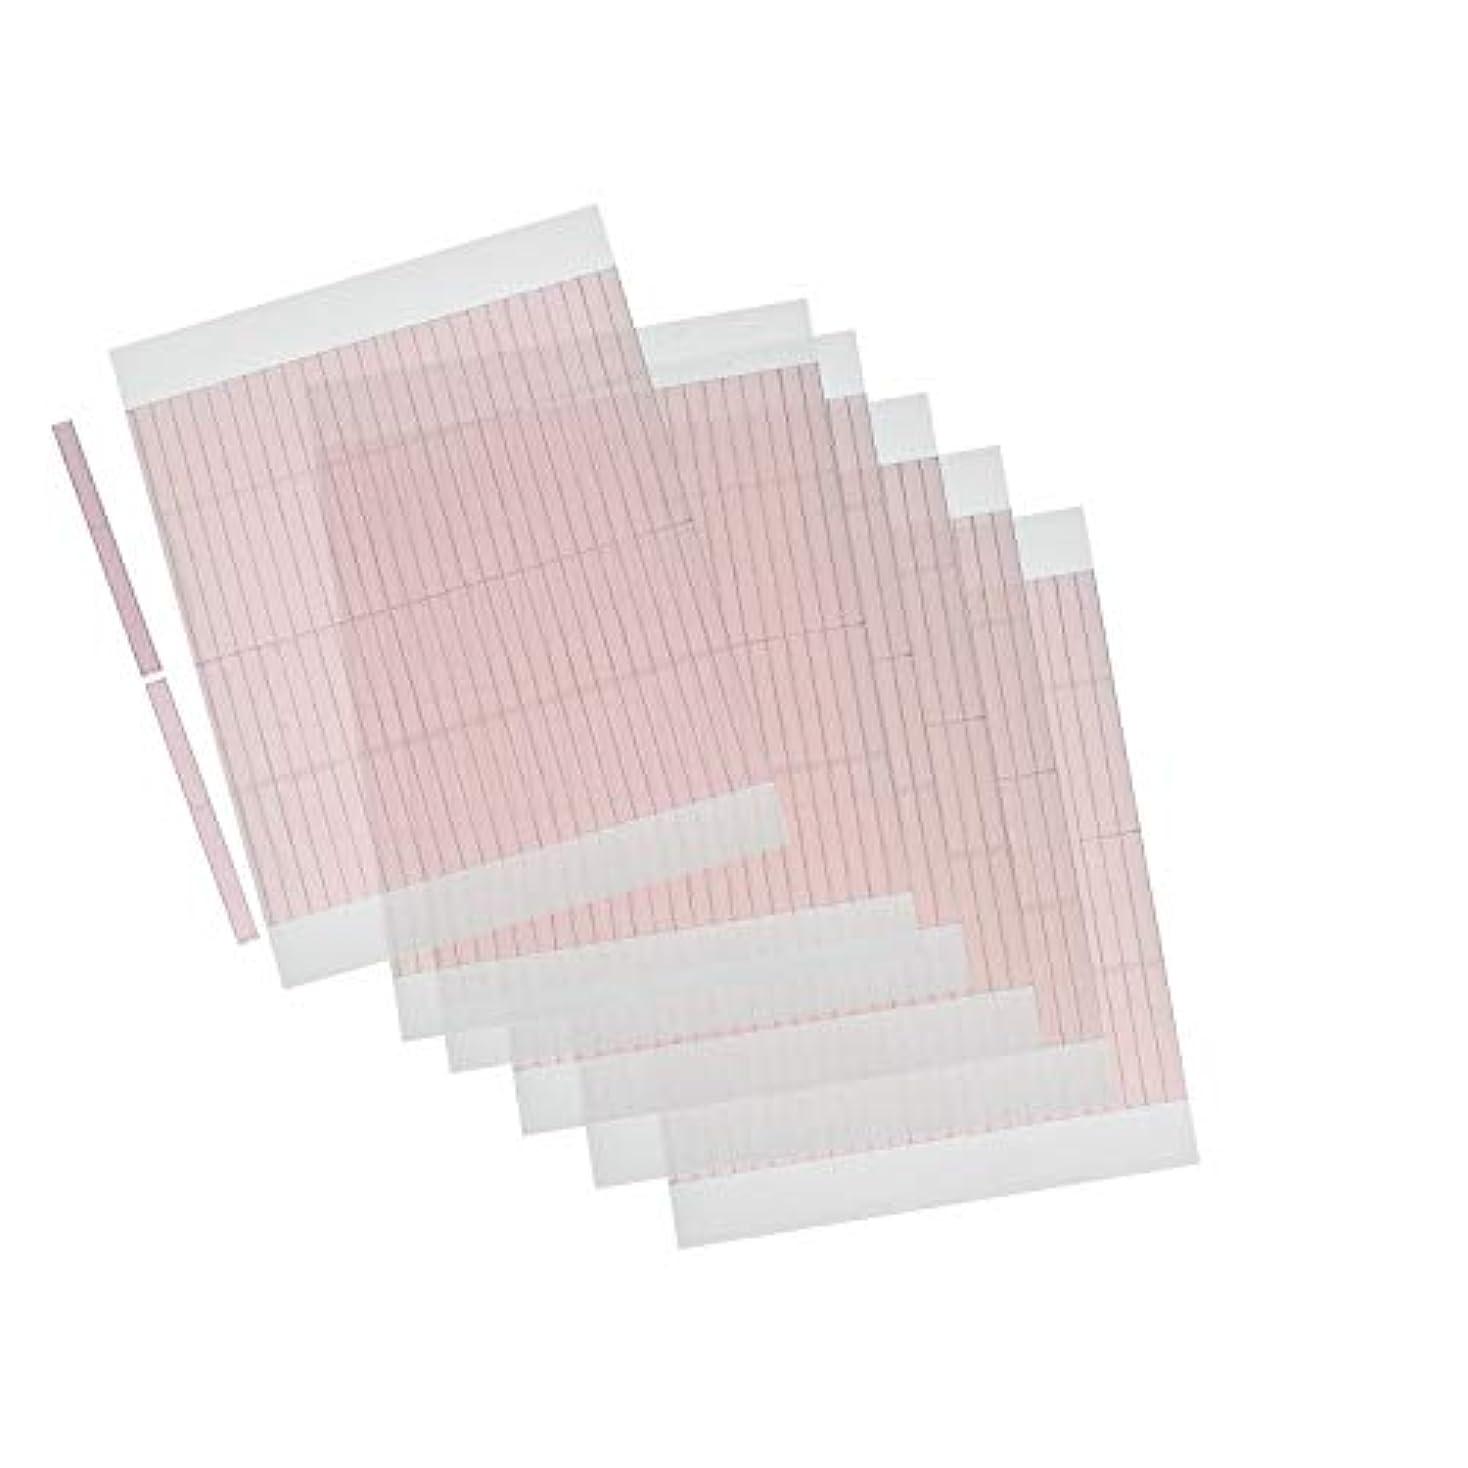 徐々にチチカカ湖露m.tivance アイテープ 二重瞼形成 二重テープ 5シートセット 260本入り/アイテープ5枚セット